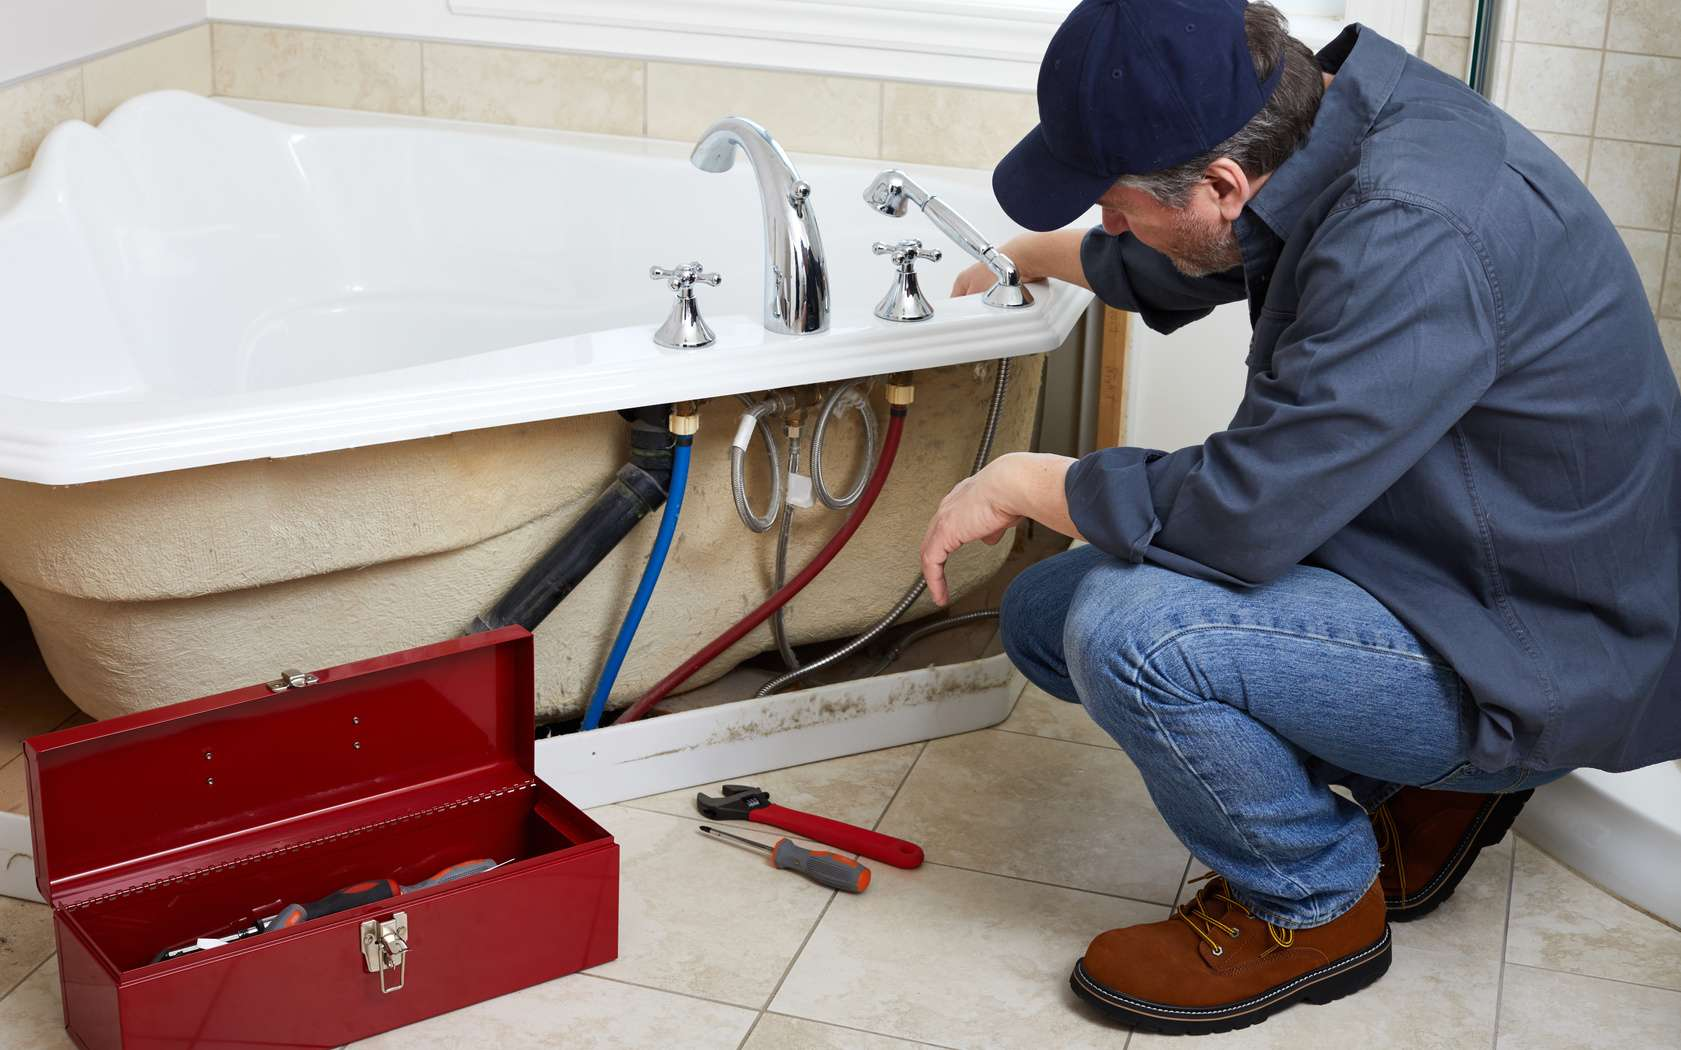 Il est possible de rénover une salle de bains à moindres frais. © Kurhan, fotolia